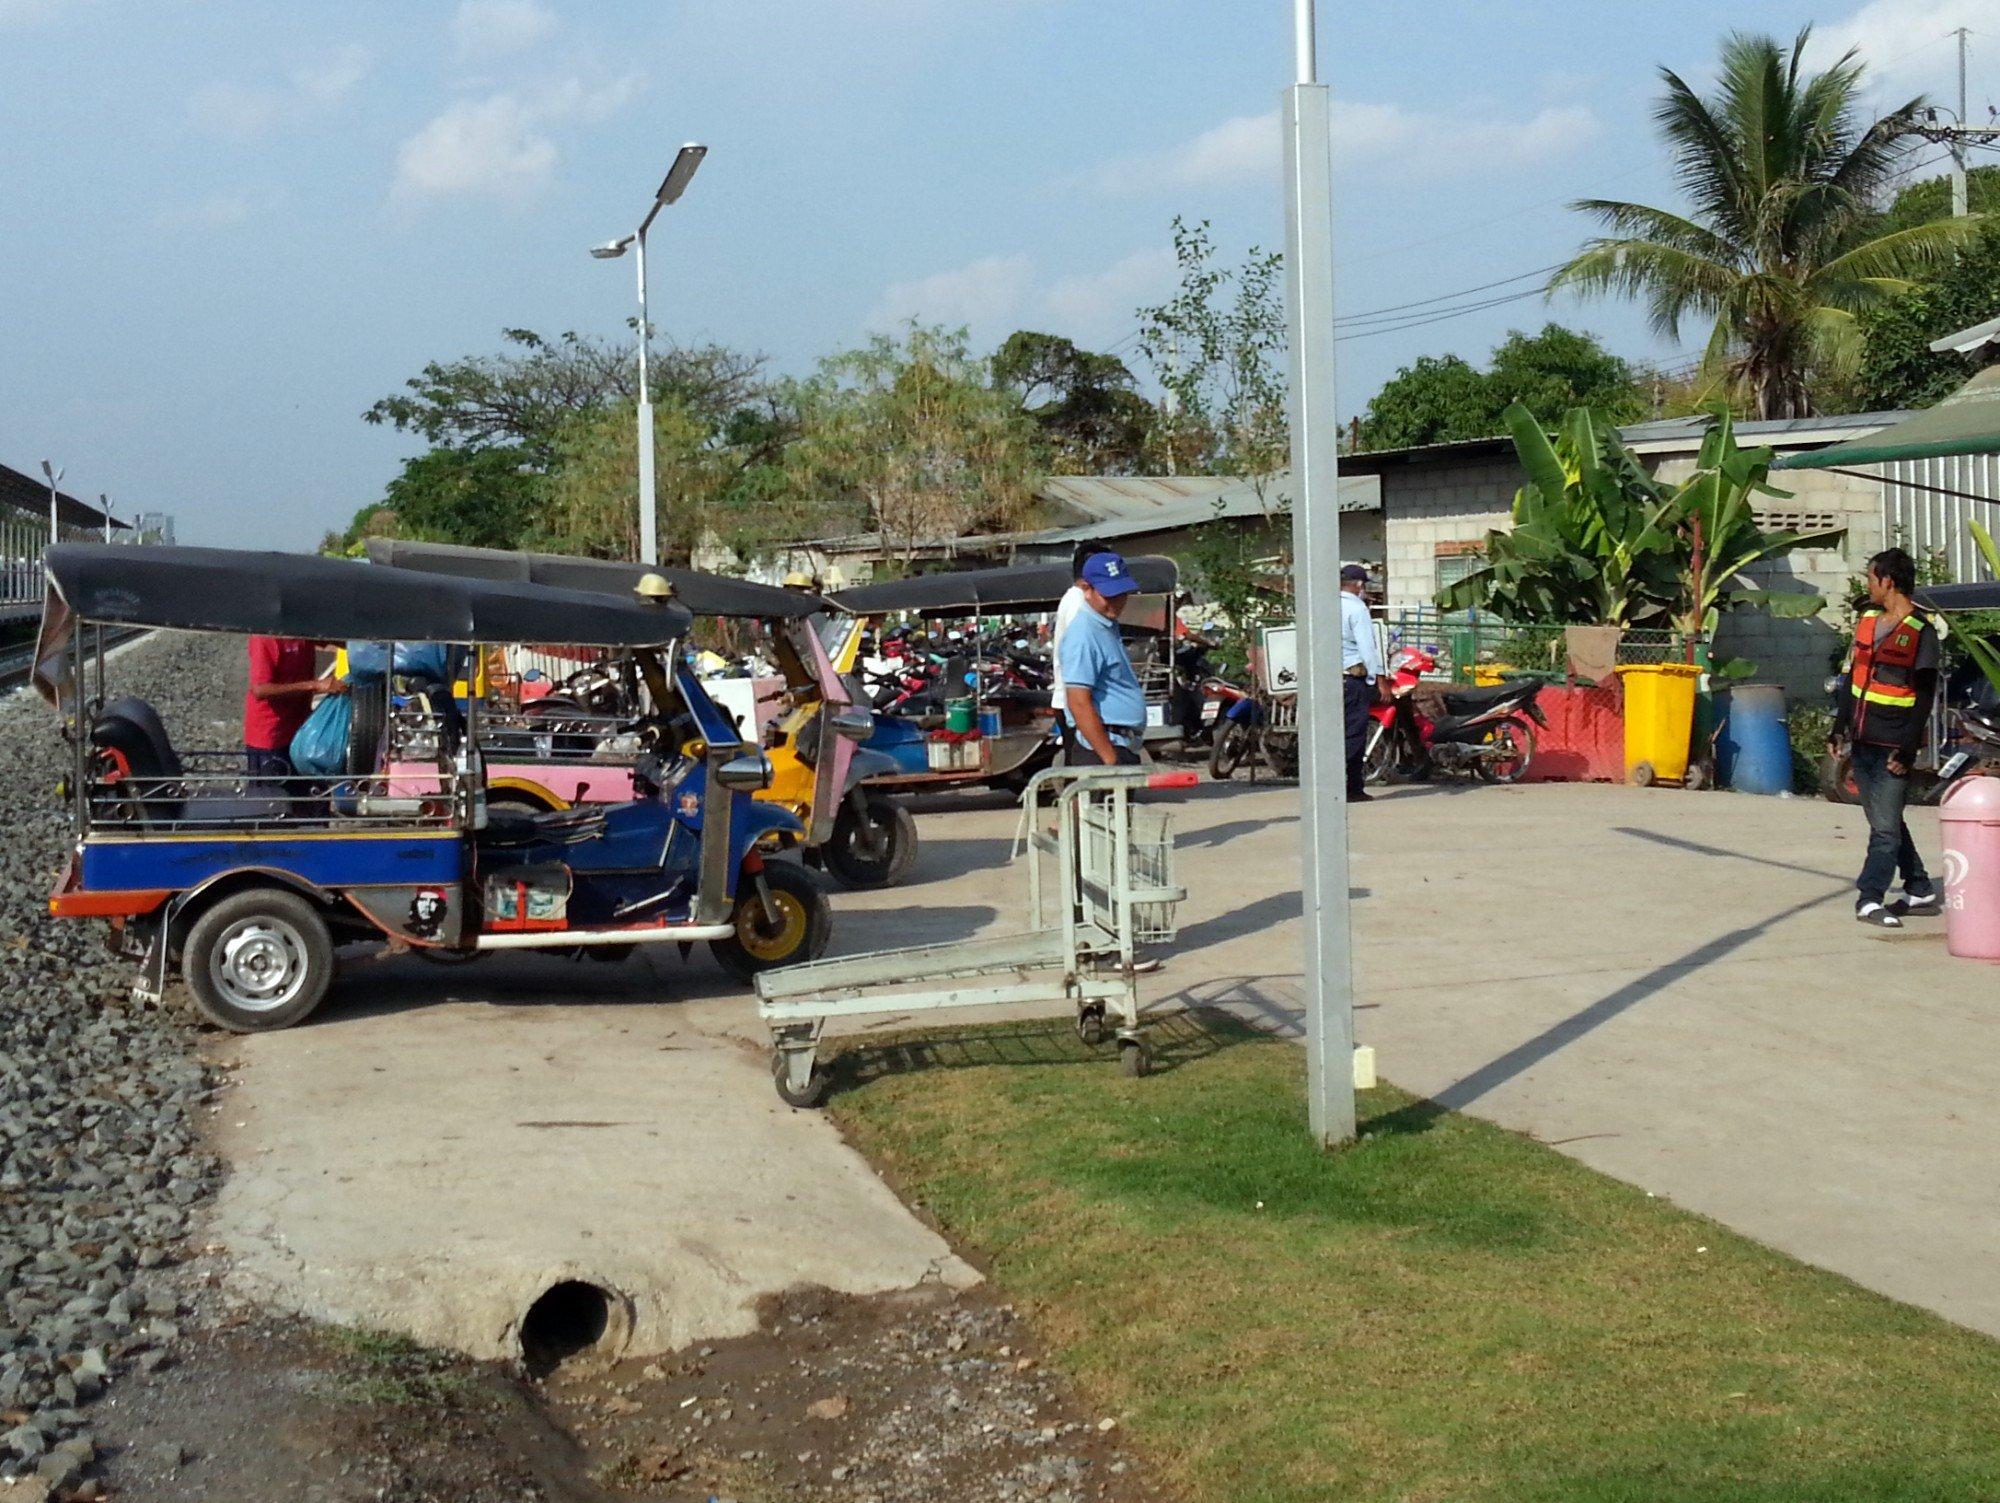 Tuk-tuks at Khon Kaen Temporary Railway Station